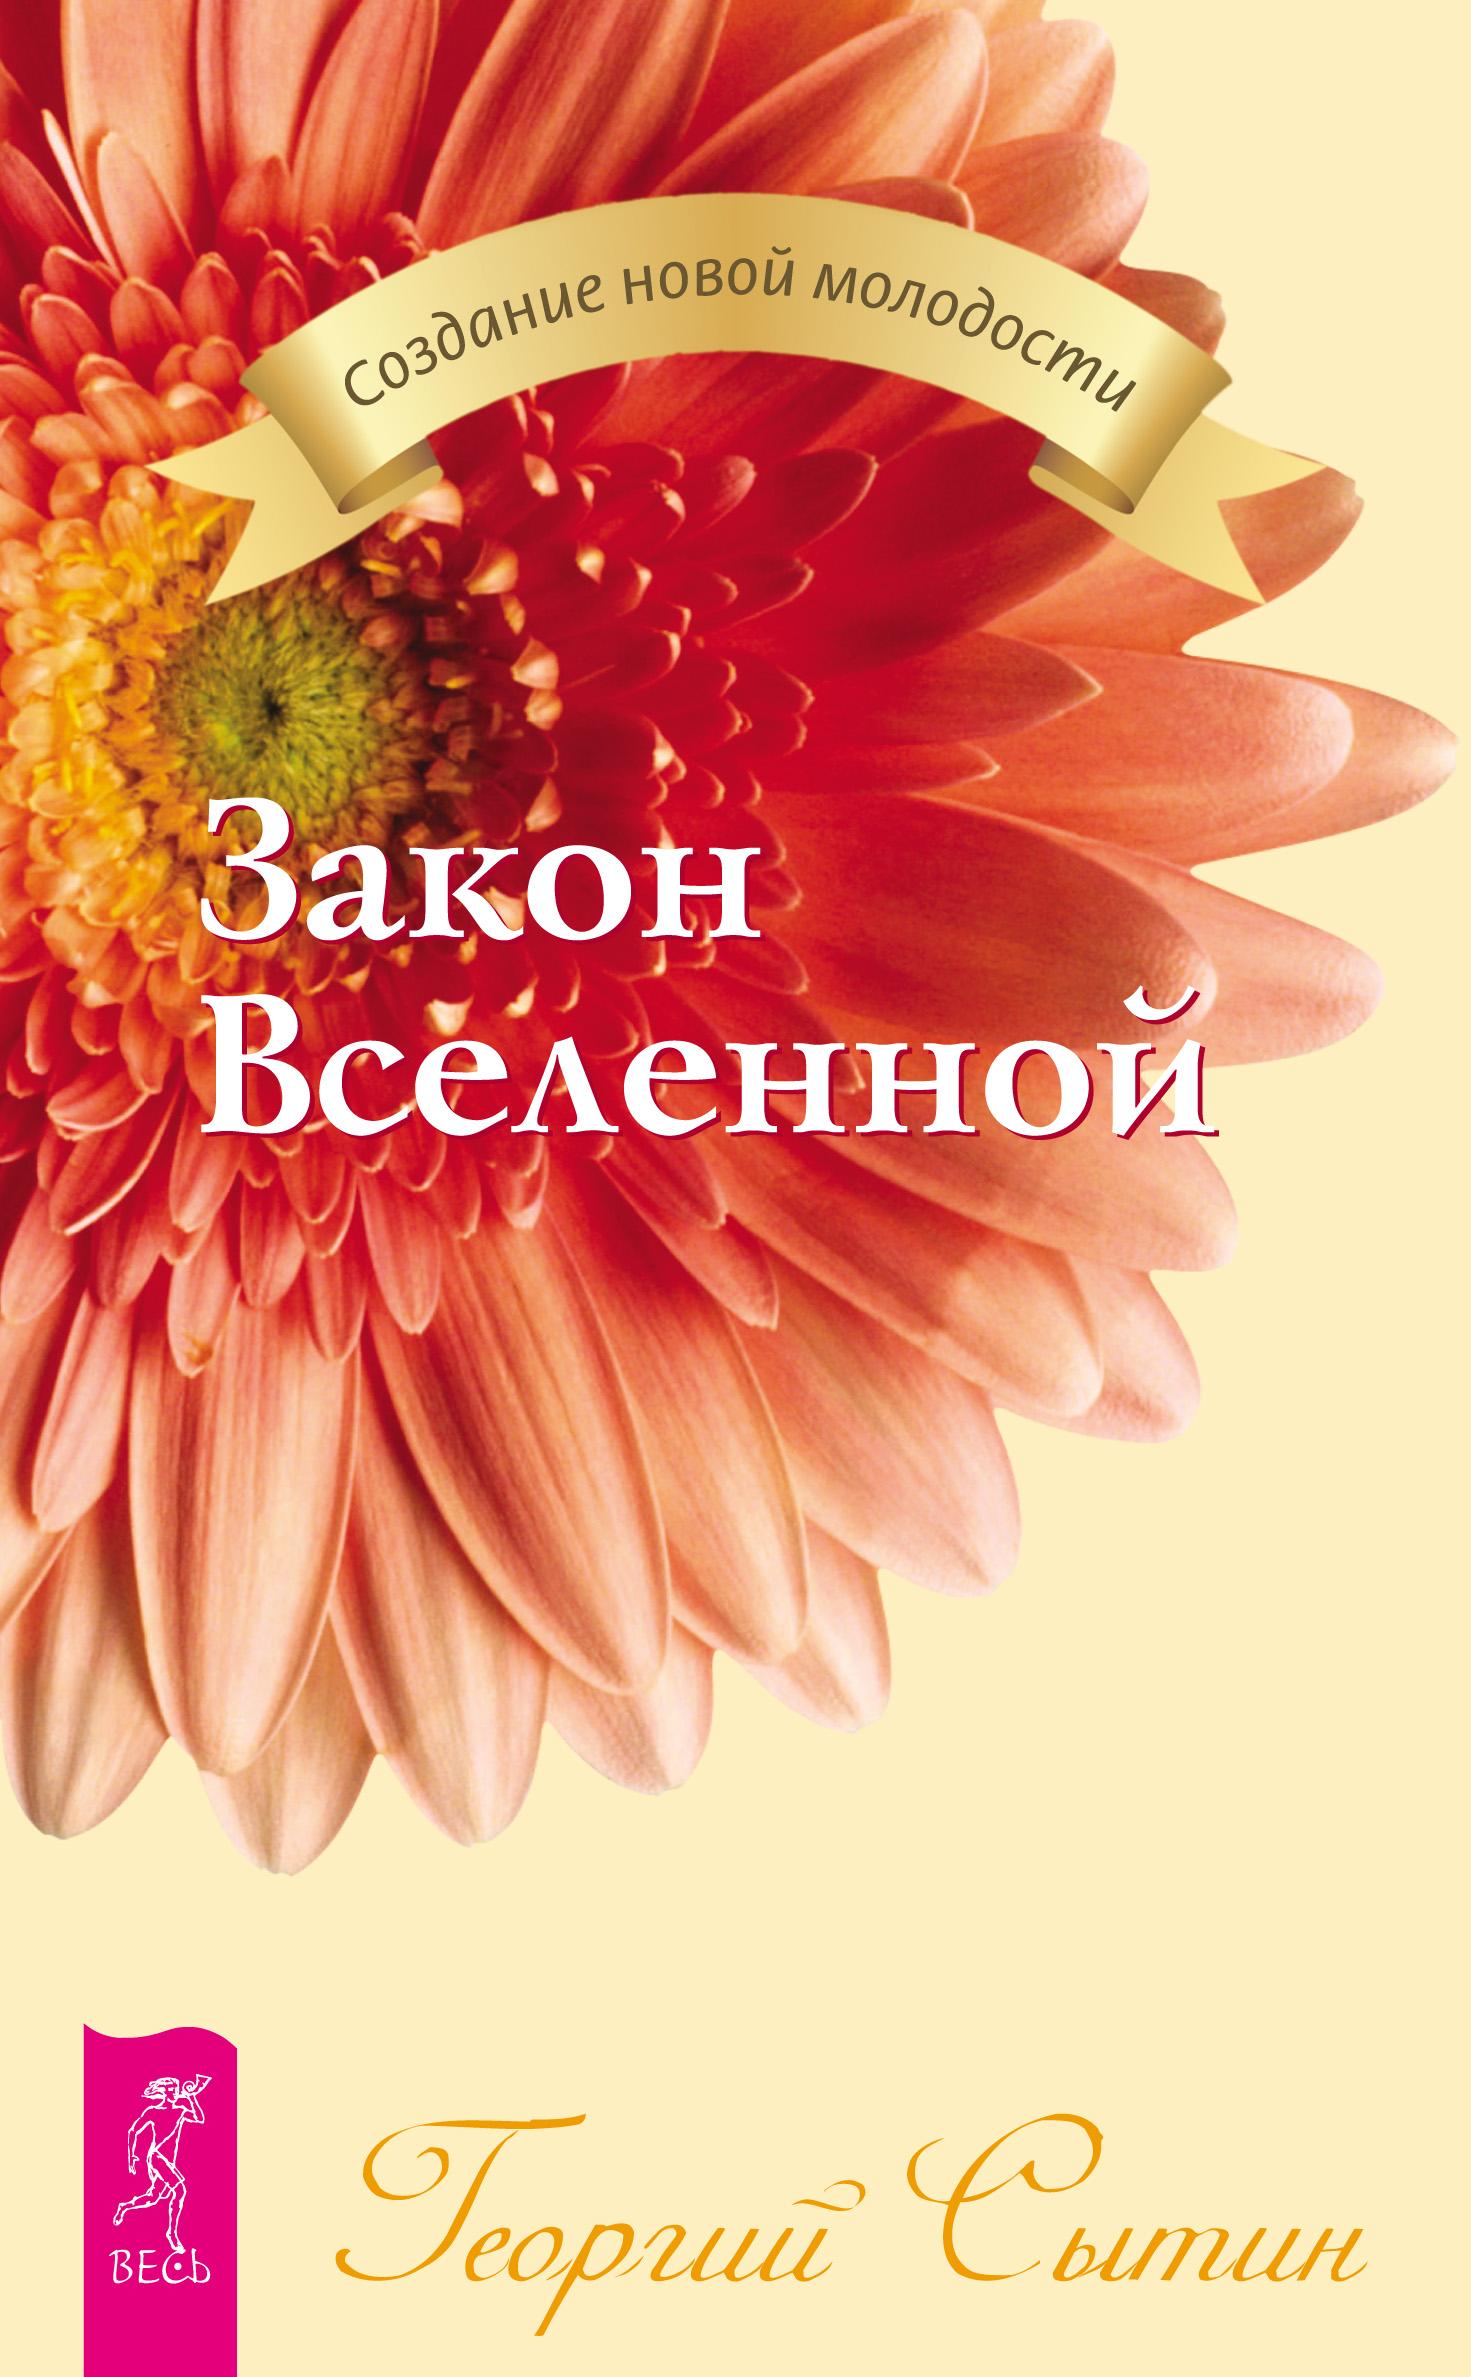 Георгий Сытин Закон Вселенной сытин георгий николаевич мысли создающие жизнь без старения